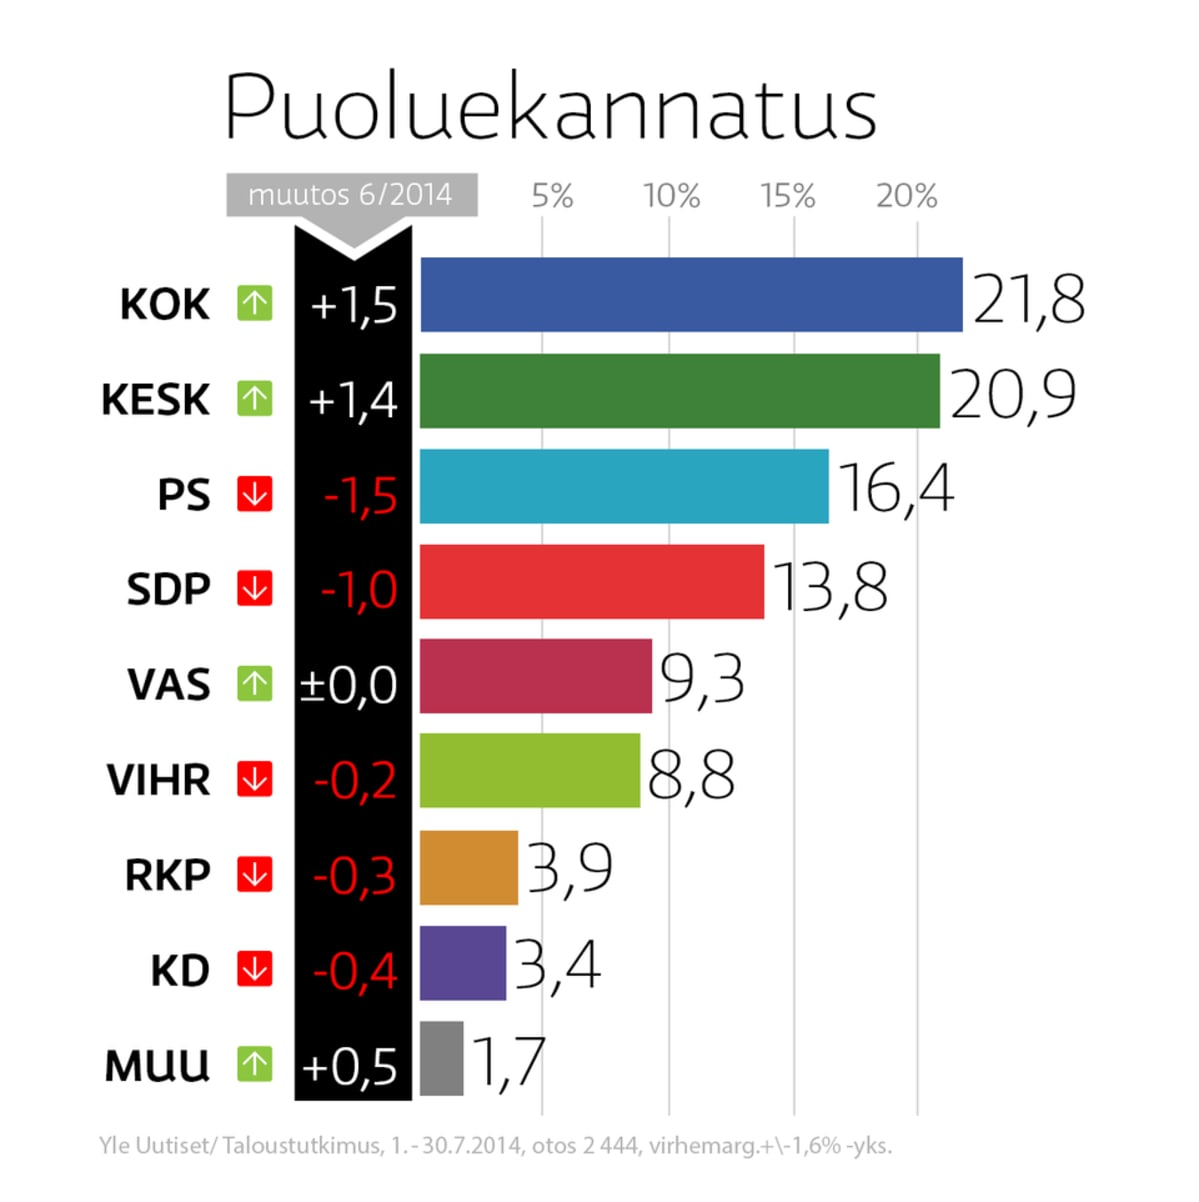 Puoluekannatus-grafiikka.